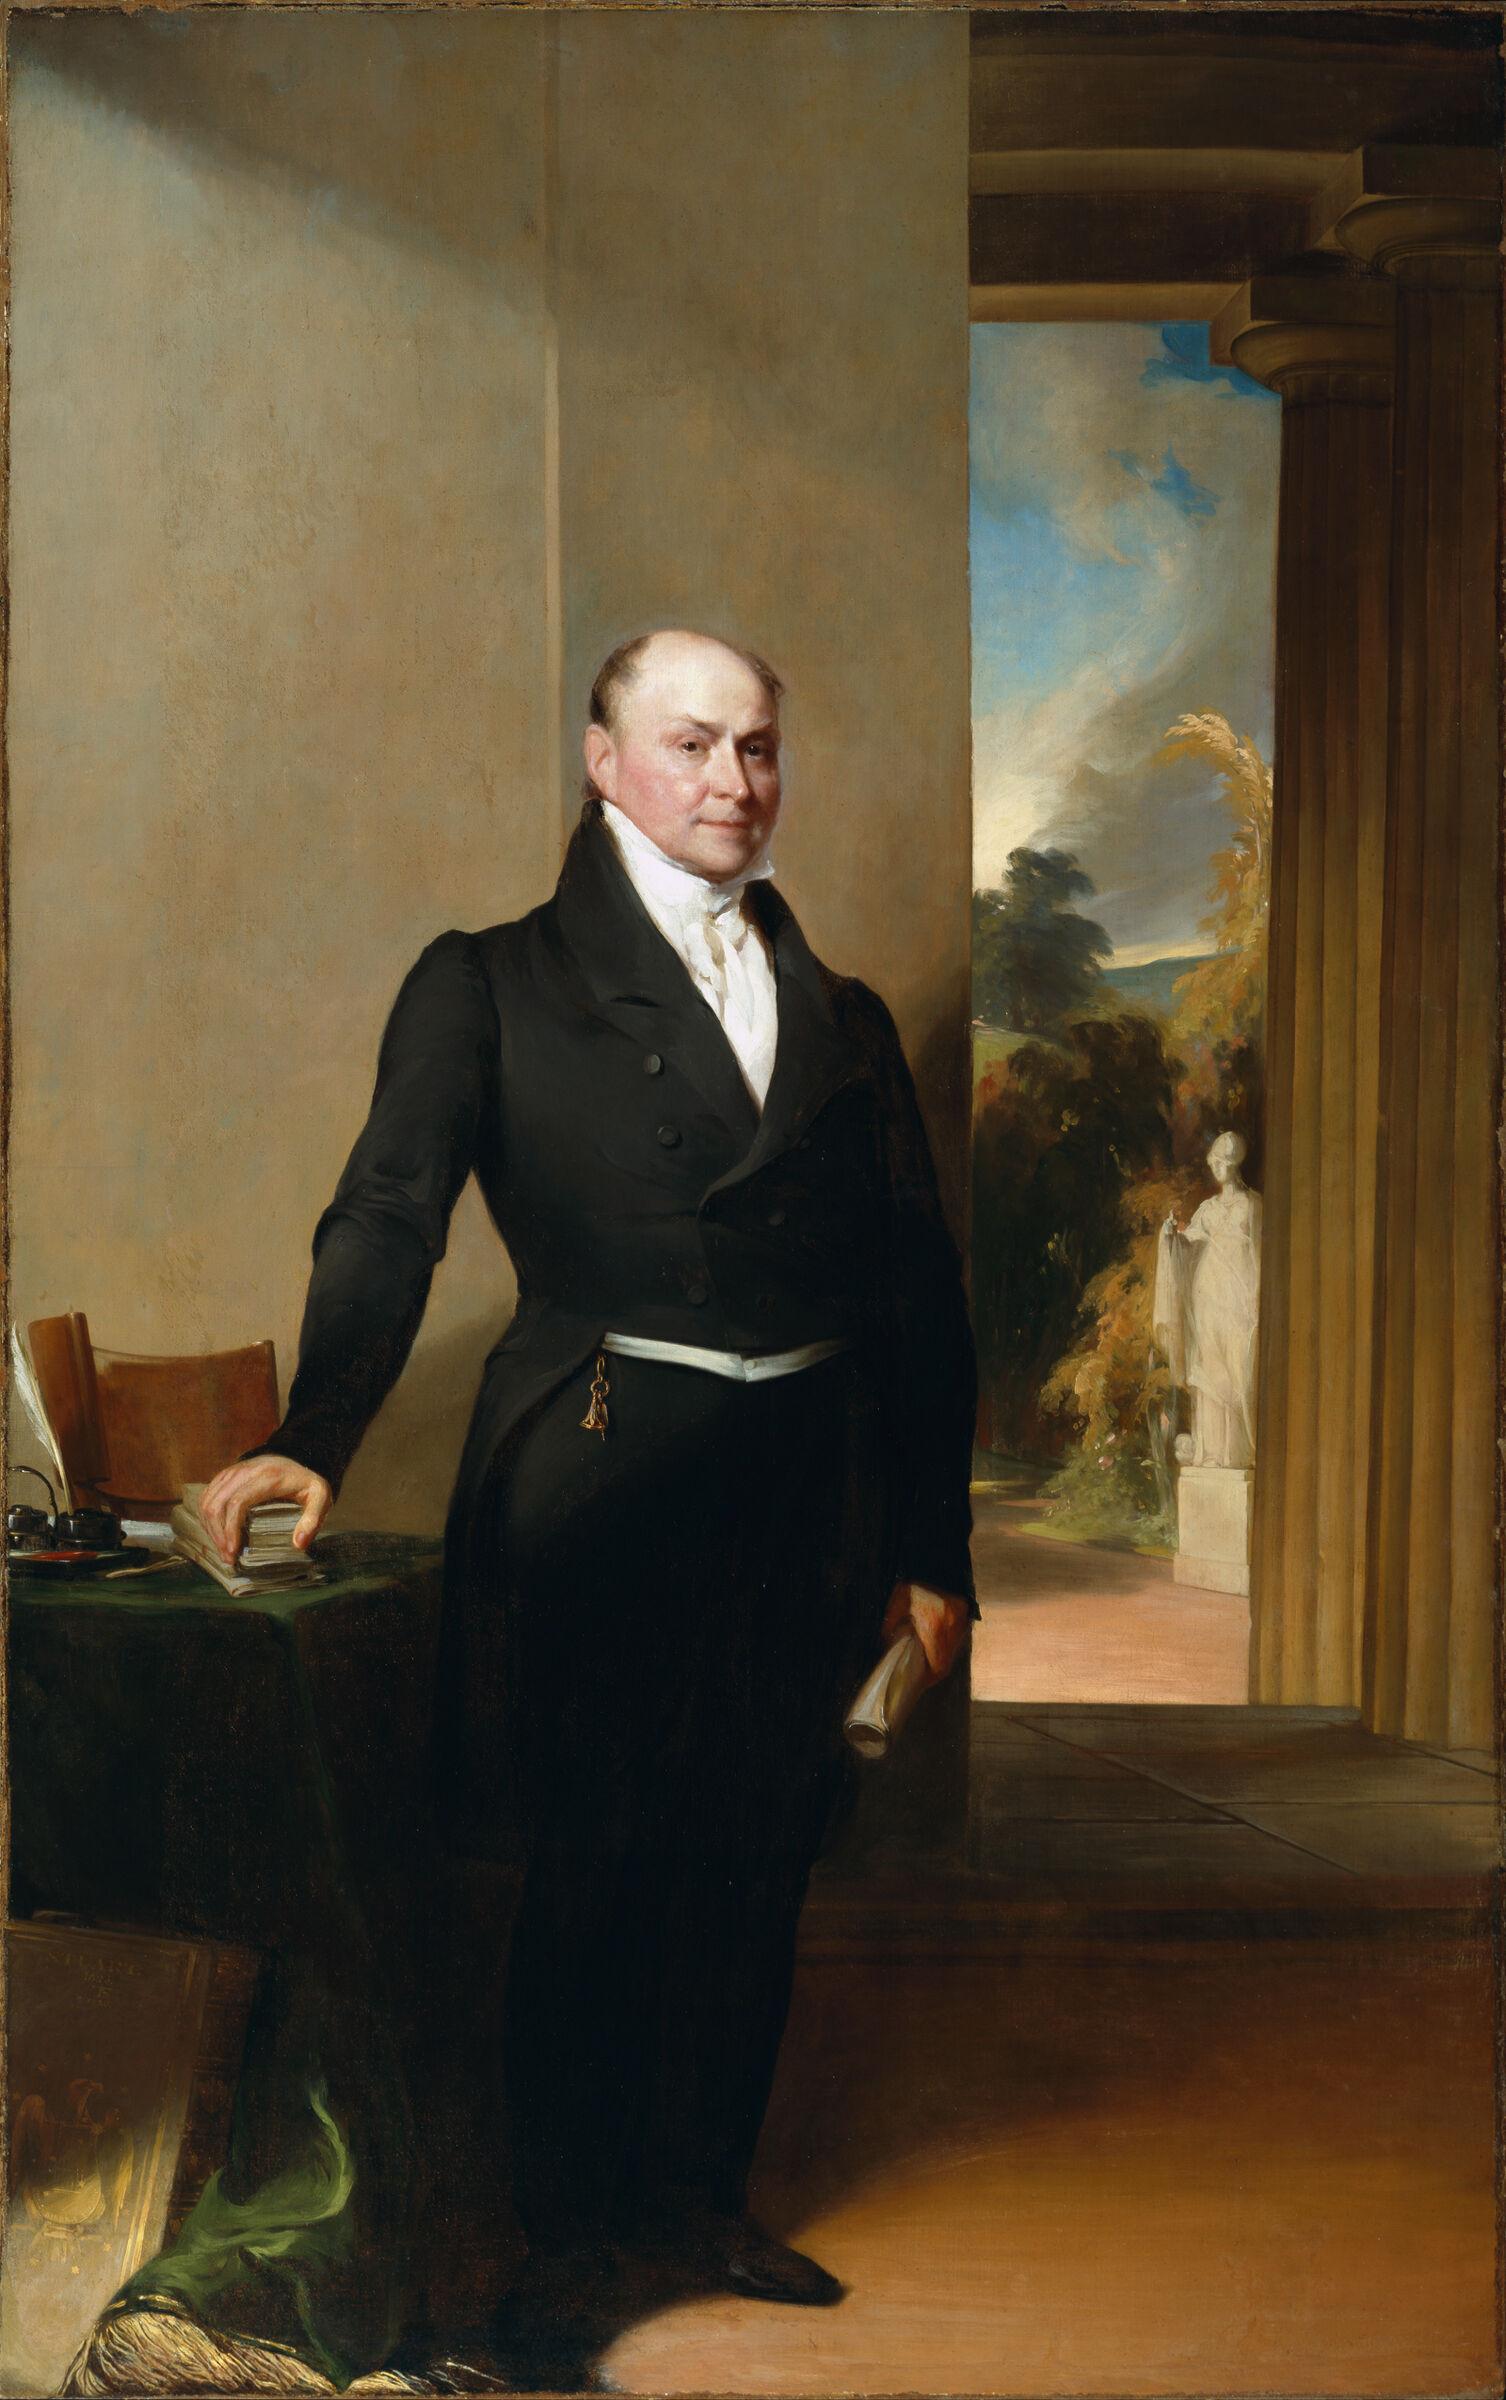 John Quincy Adams (1767-1848)